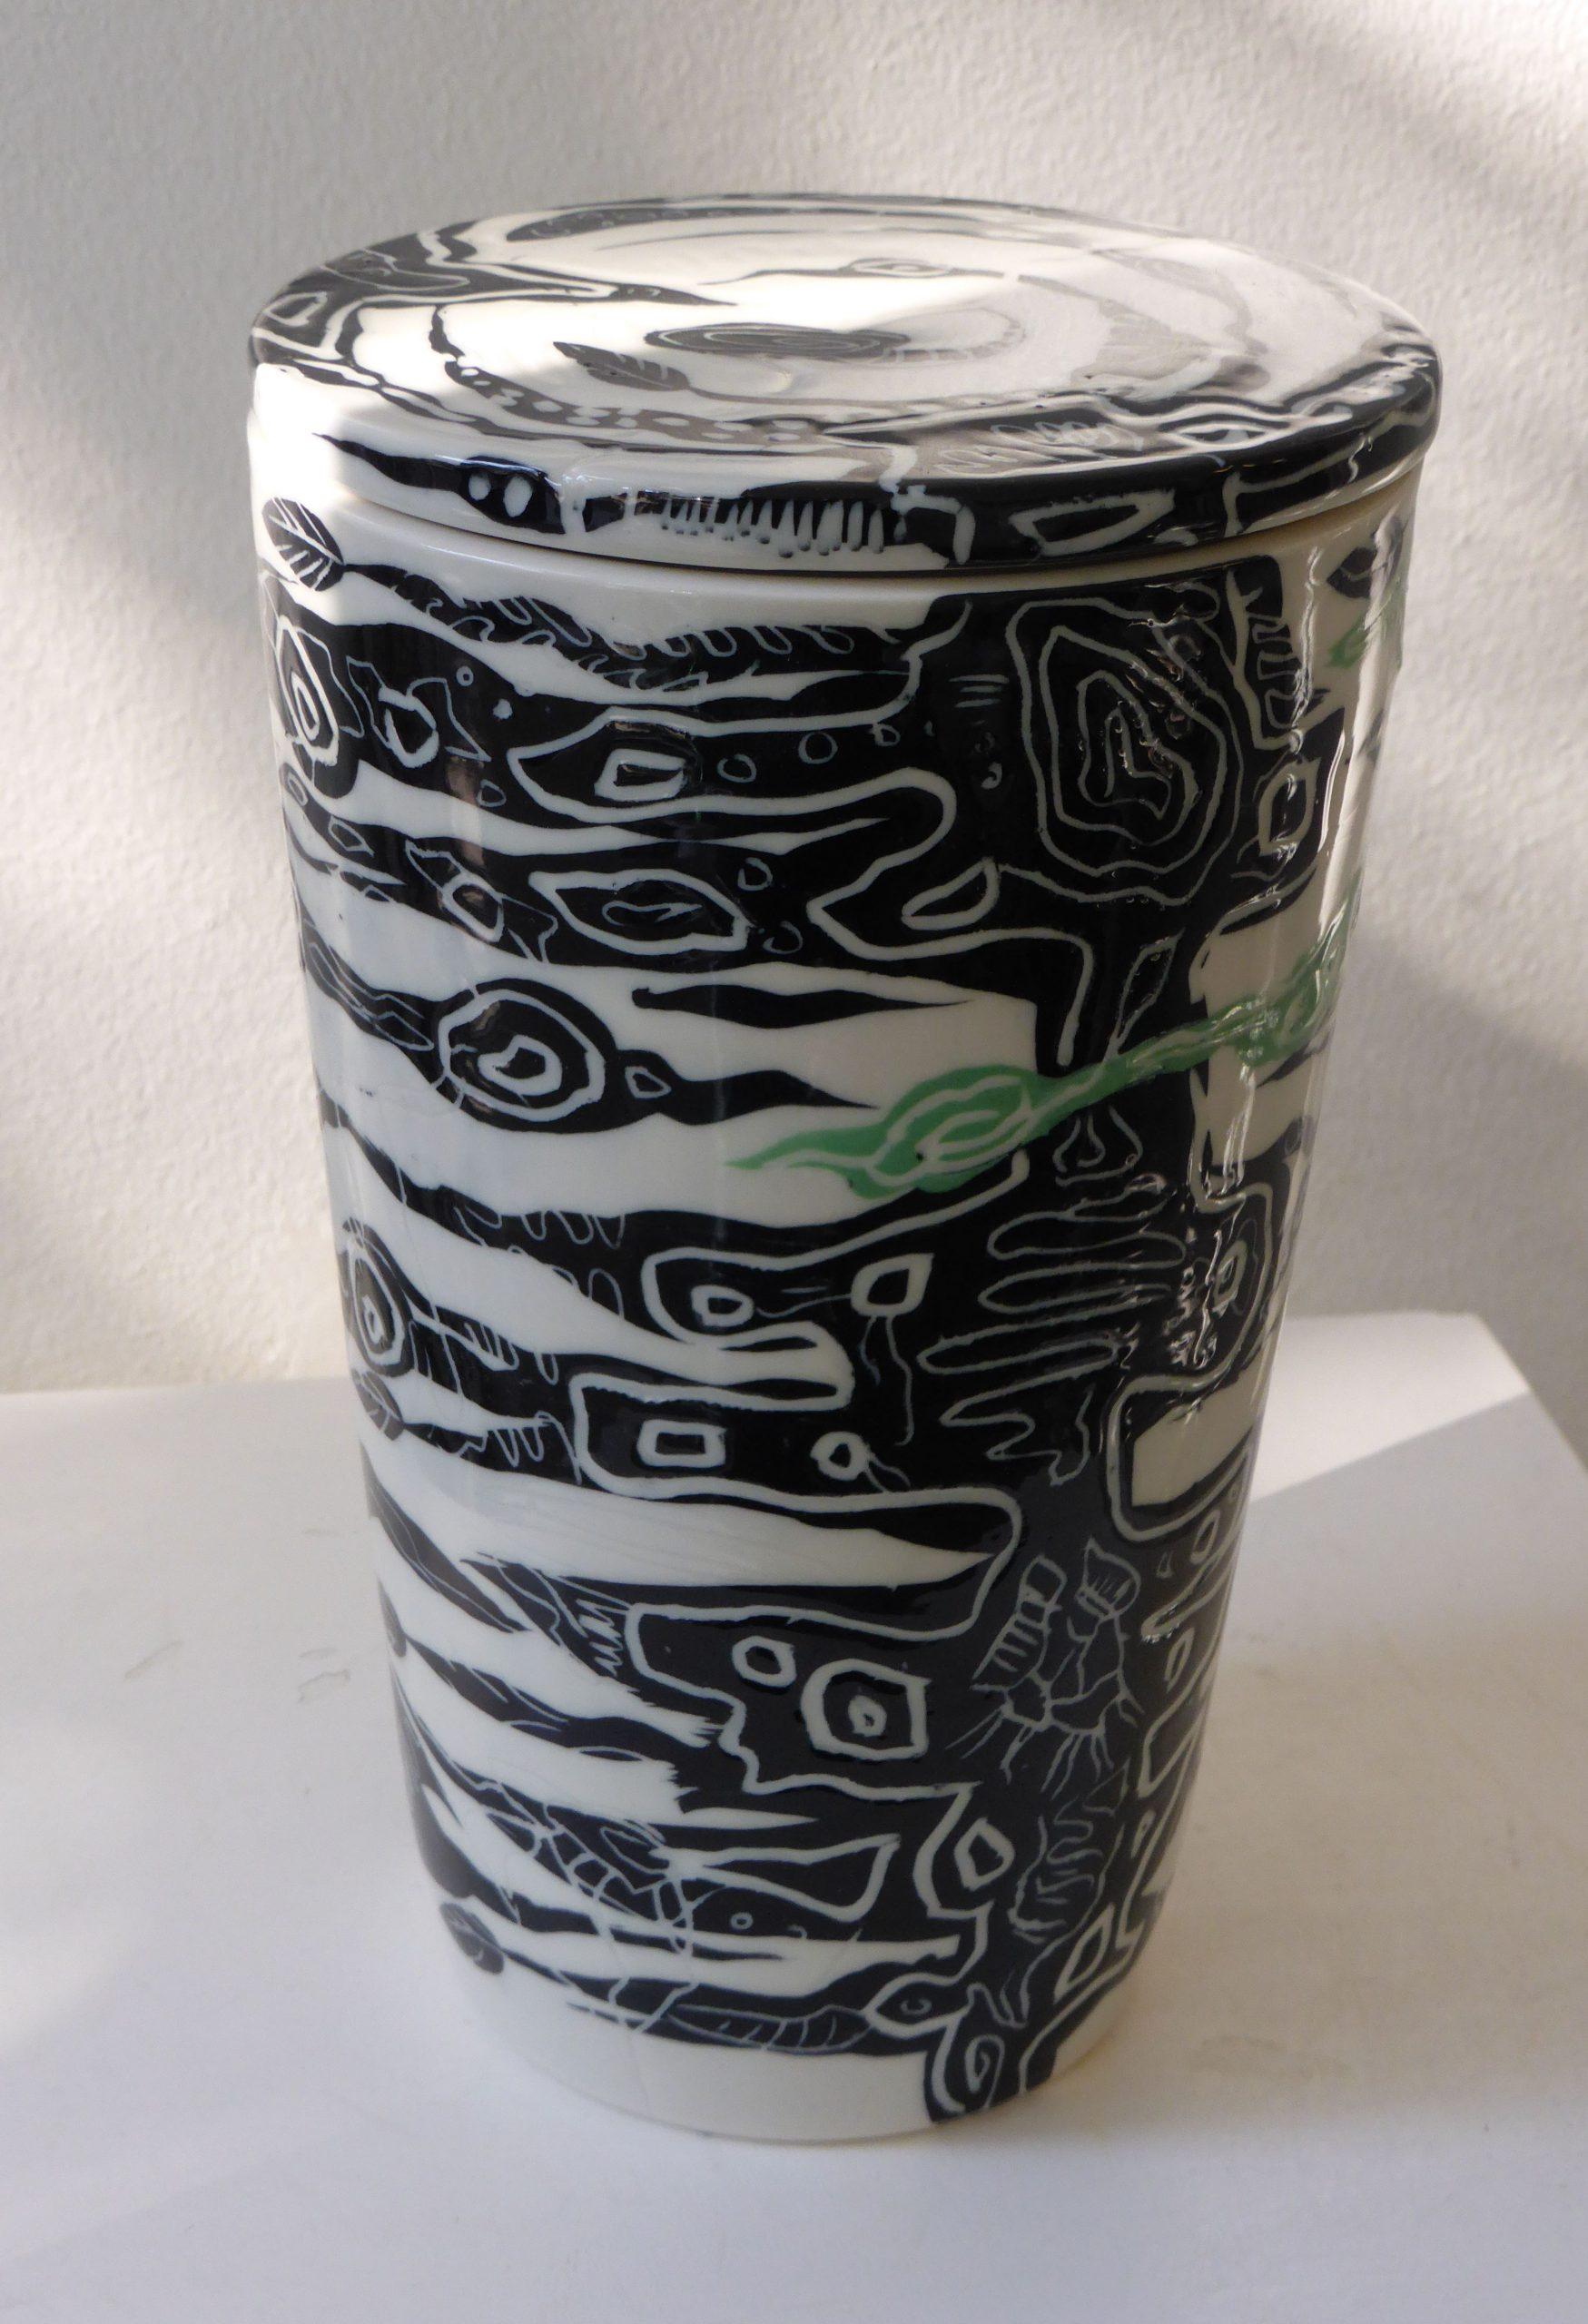 Basalt porselein servies urn Zwart-wit groen